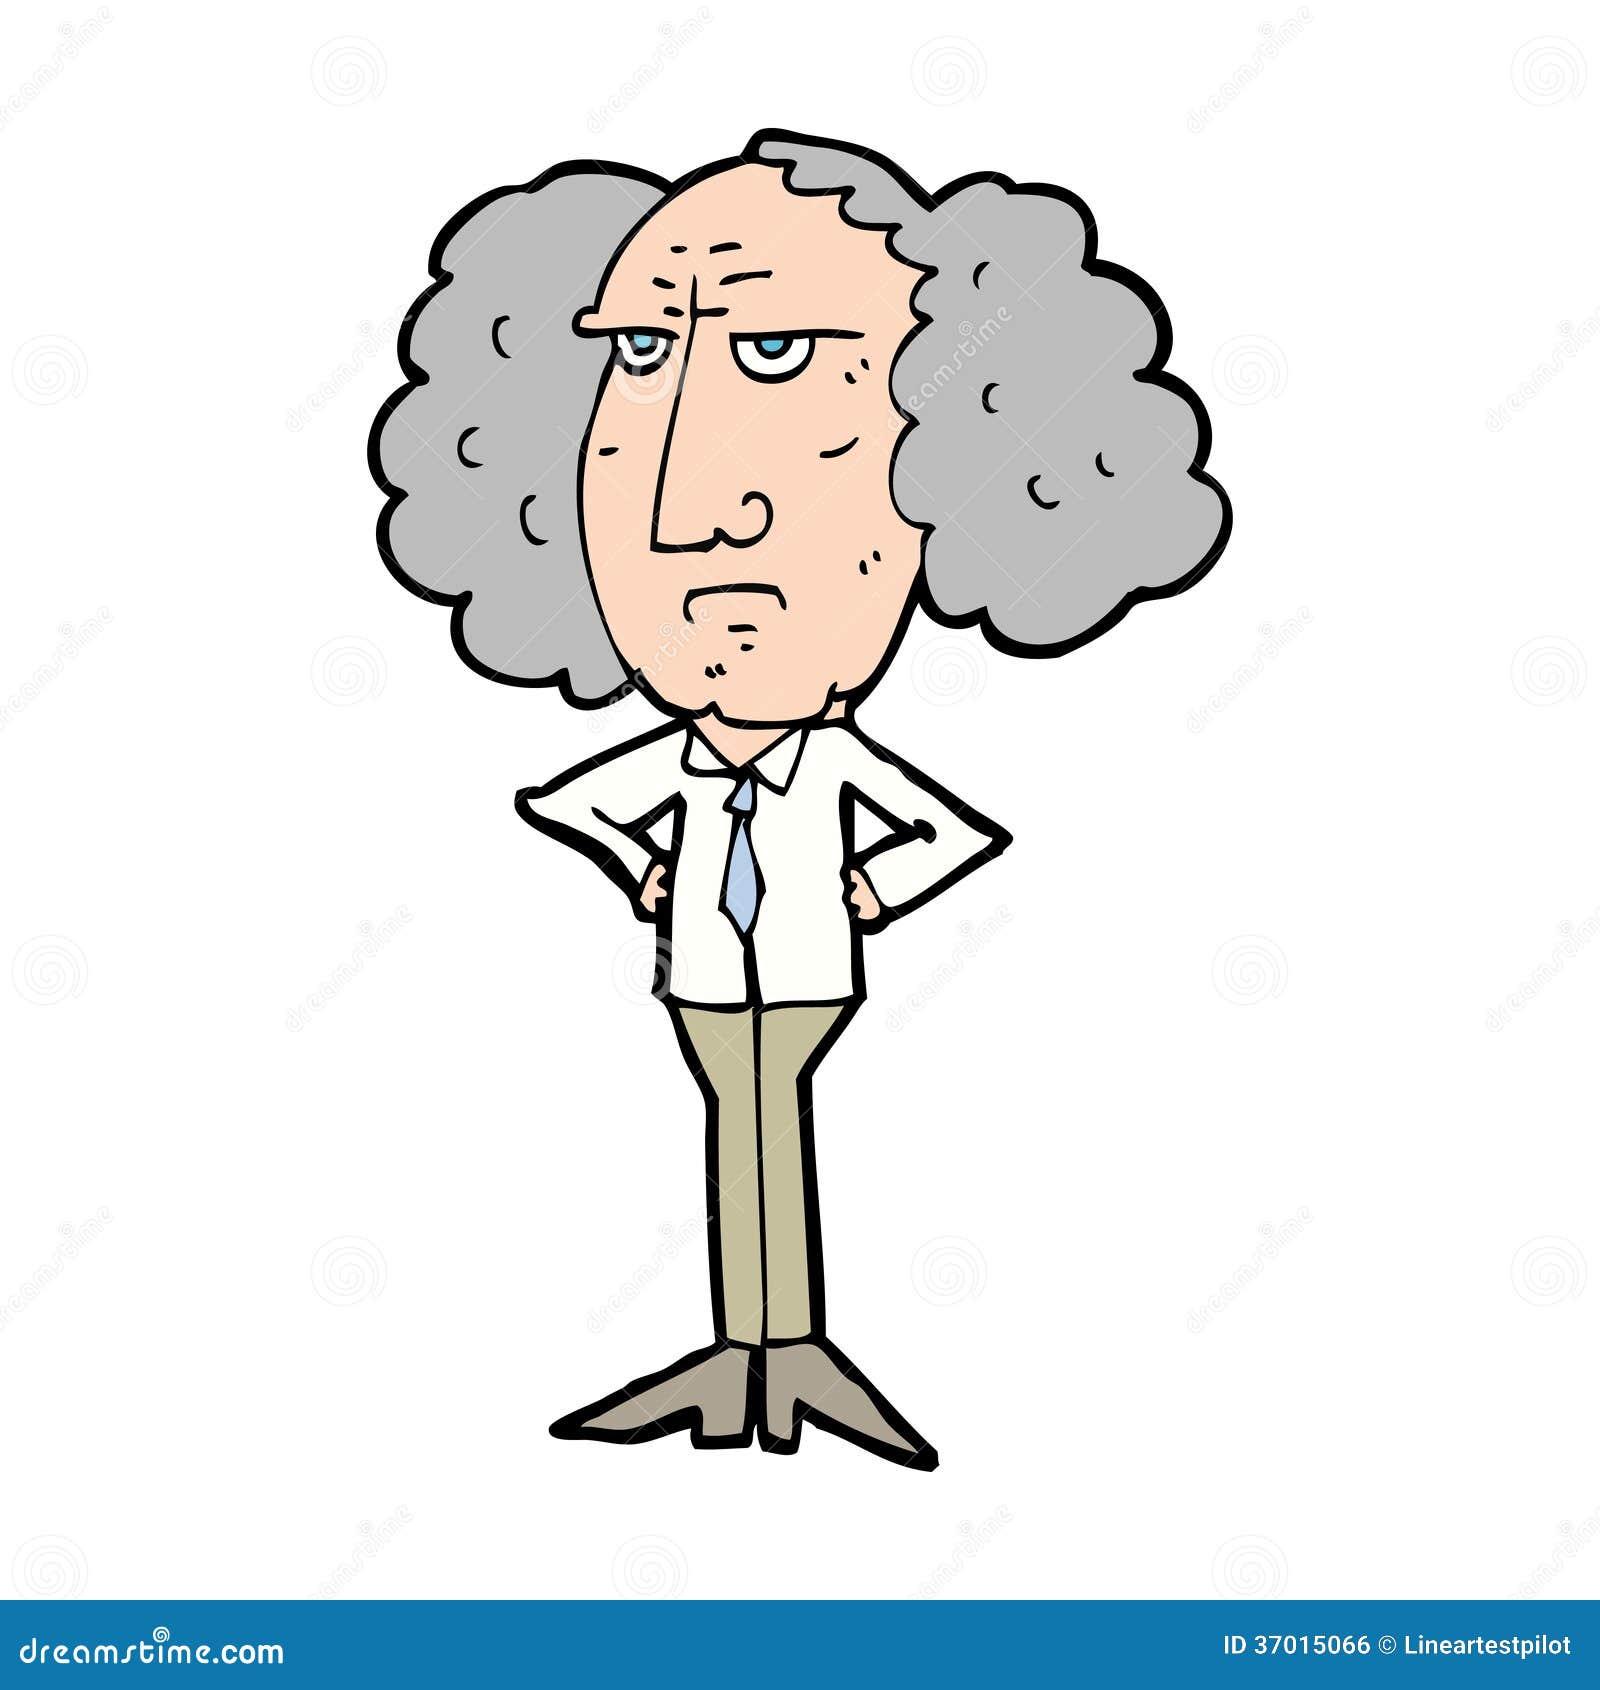 Cartoon Big Hair Lecturer Man Royalty Free Stock Image - Image ...